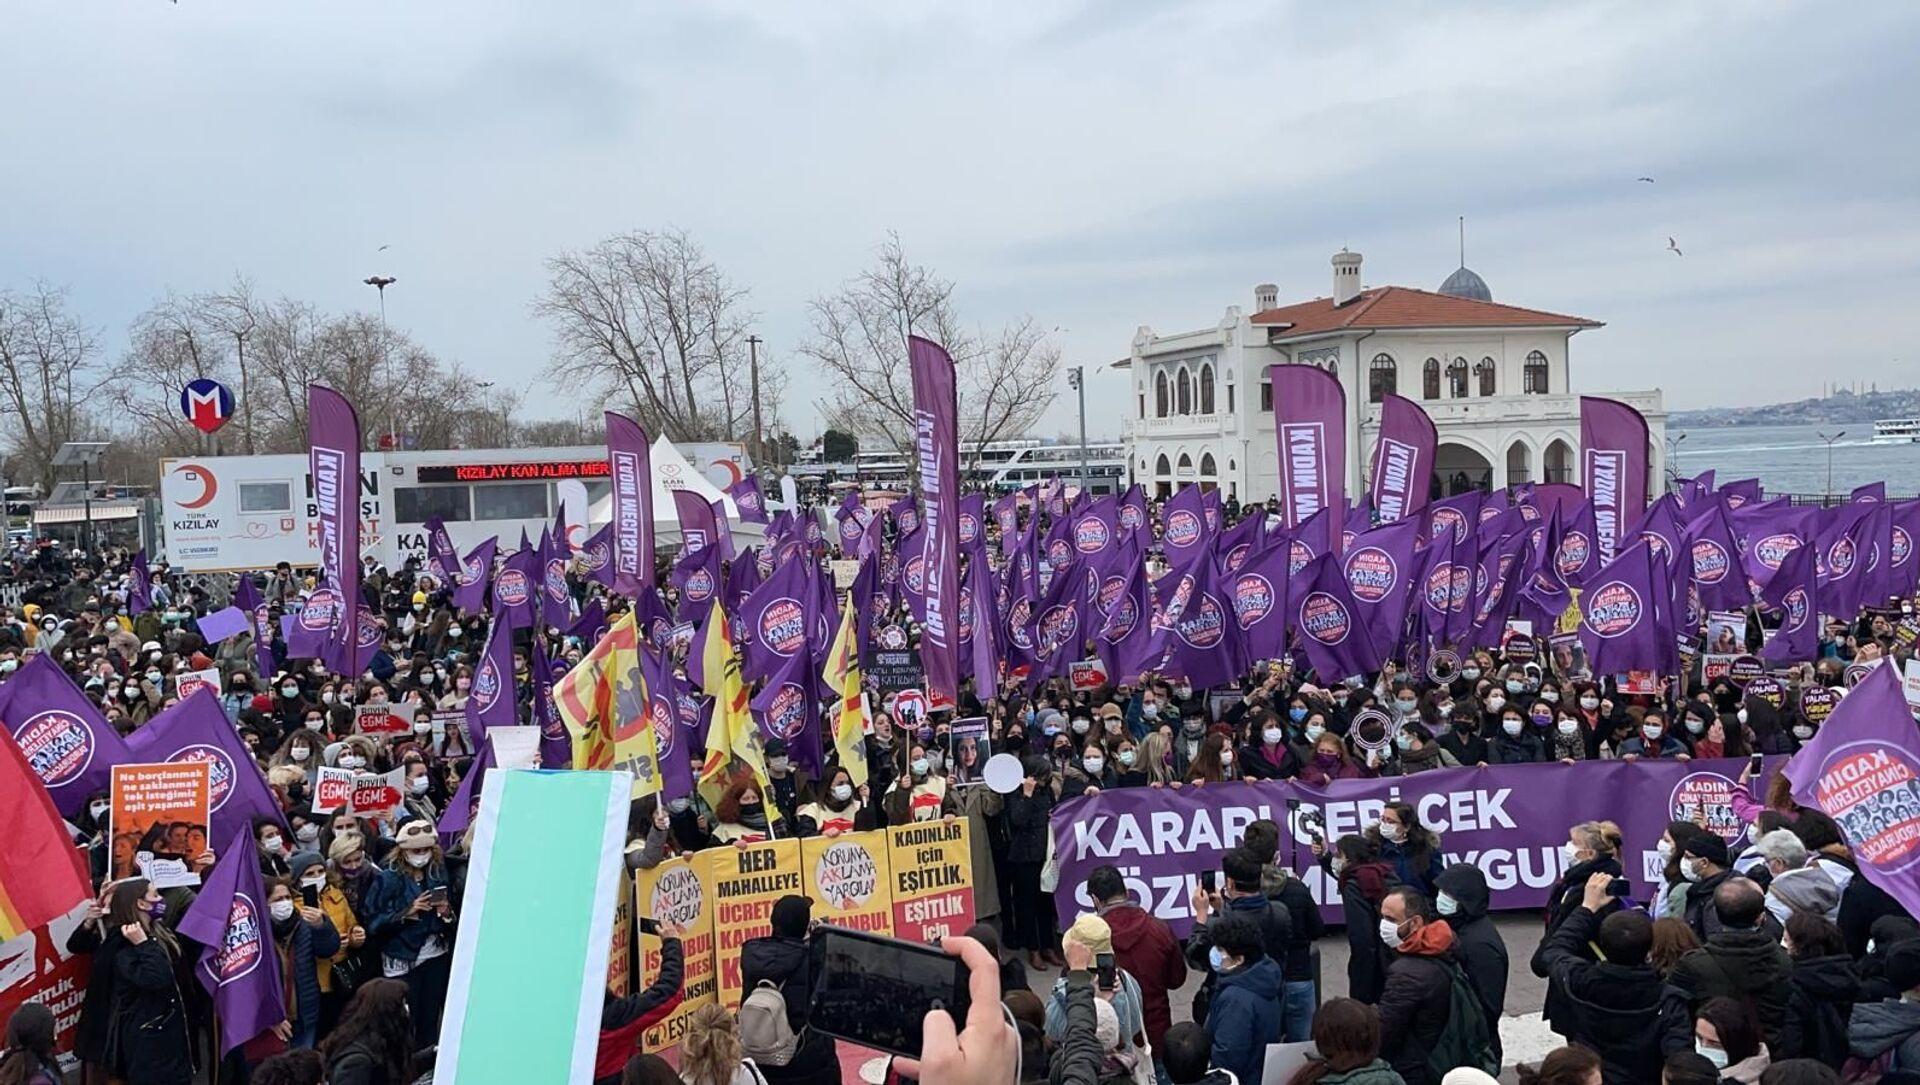 Türkiye'nin dört bir yanında kadınlar, STK'lar ve kadın örgütleri Cumhurbaşkanlığı Kararı ile İstanbul Sözleşmesi'nden çıkma kararına karşı sokakta. Kadınlar İstanbul Kadıköy'de '''Kararı geri çek, sözleşmeyi uygula'' sloganlarıyla eylemde. - Sputnik Türkiye, 1920, 11.05.2021